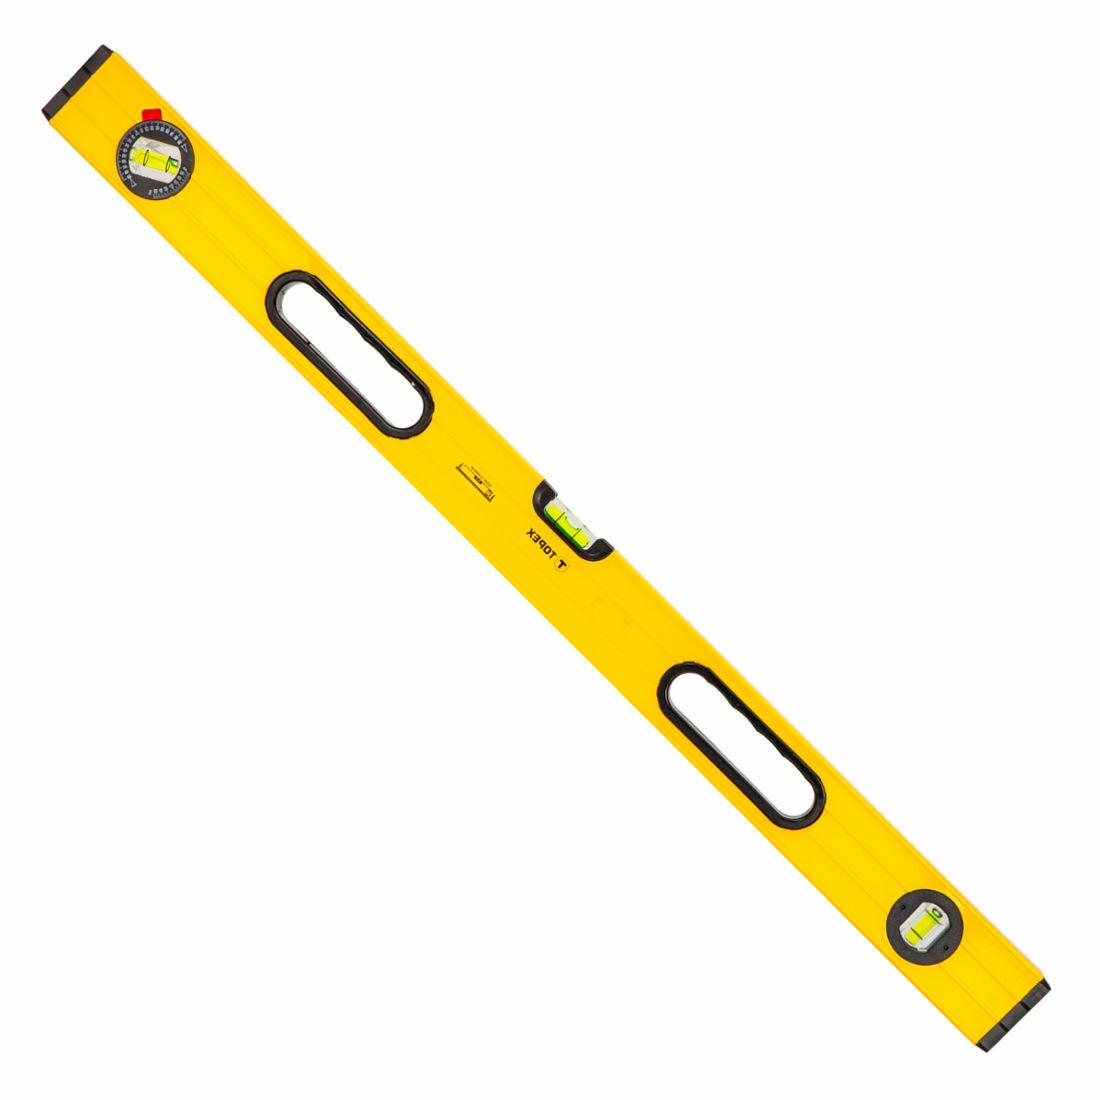 Aluminium Wasserwaage Präzisionswasserwaage Messwerkzeug Messen gelb 40-200 cm